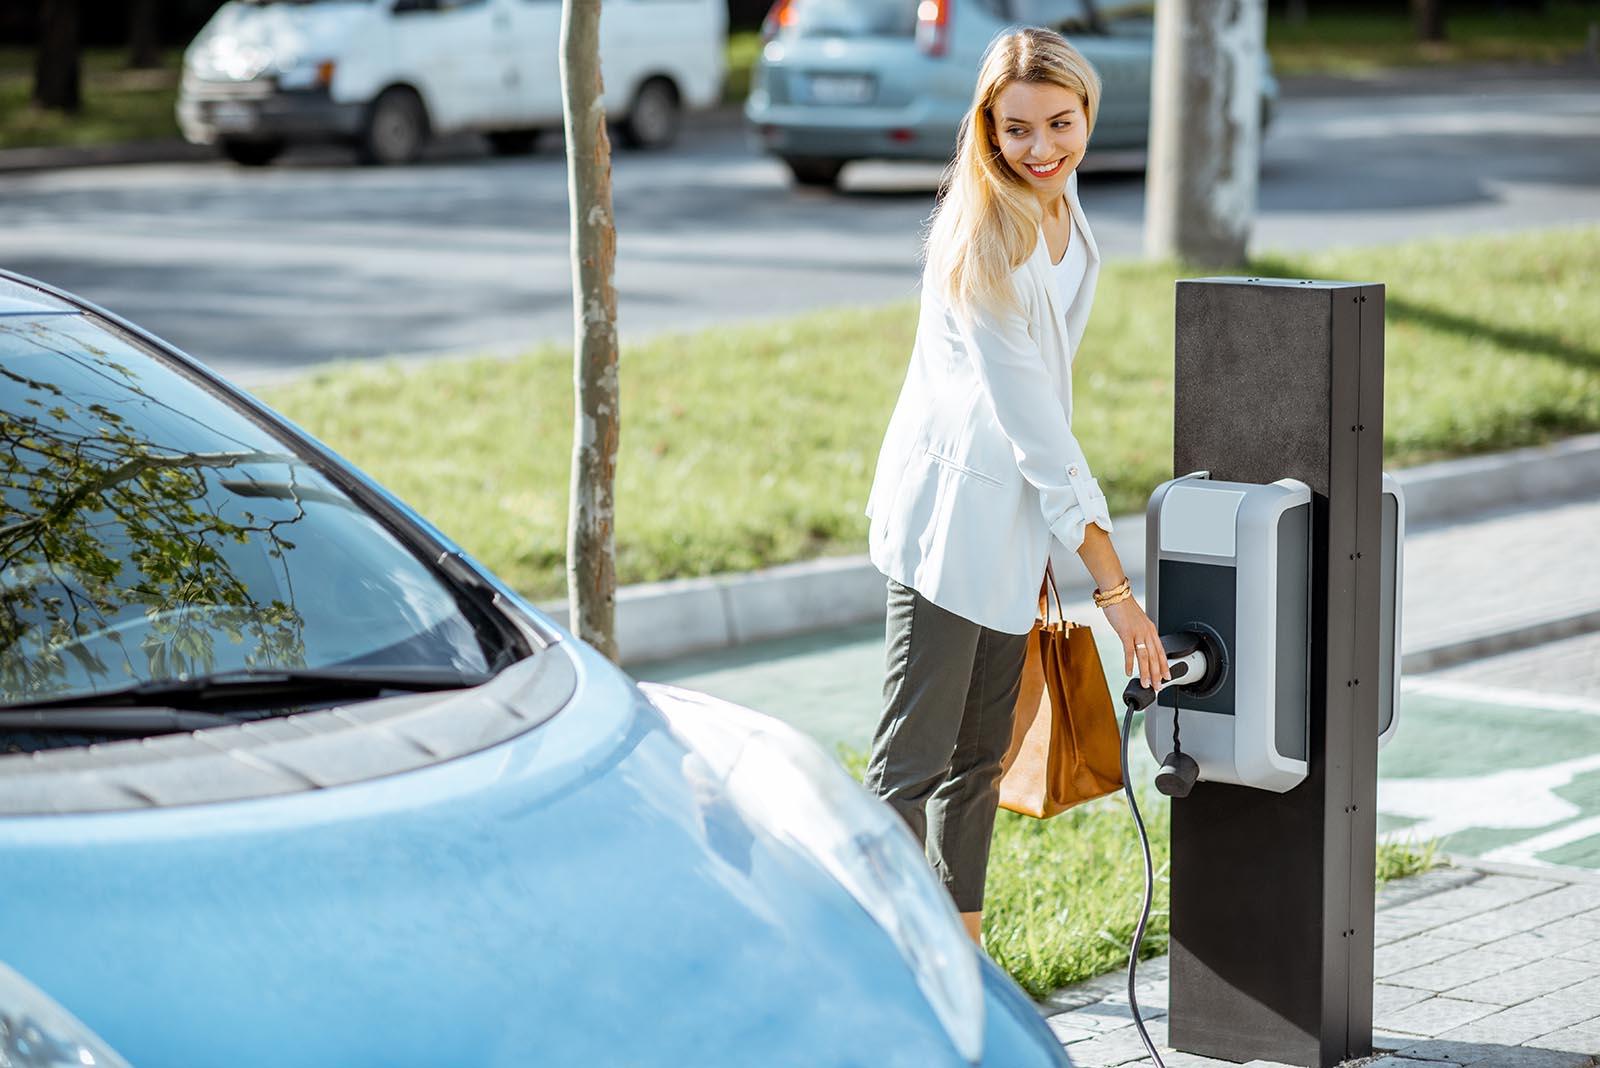 En kvinna sätter i kontakten i en laddstolpe för att ladda sin bil.